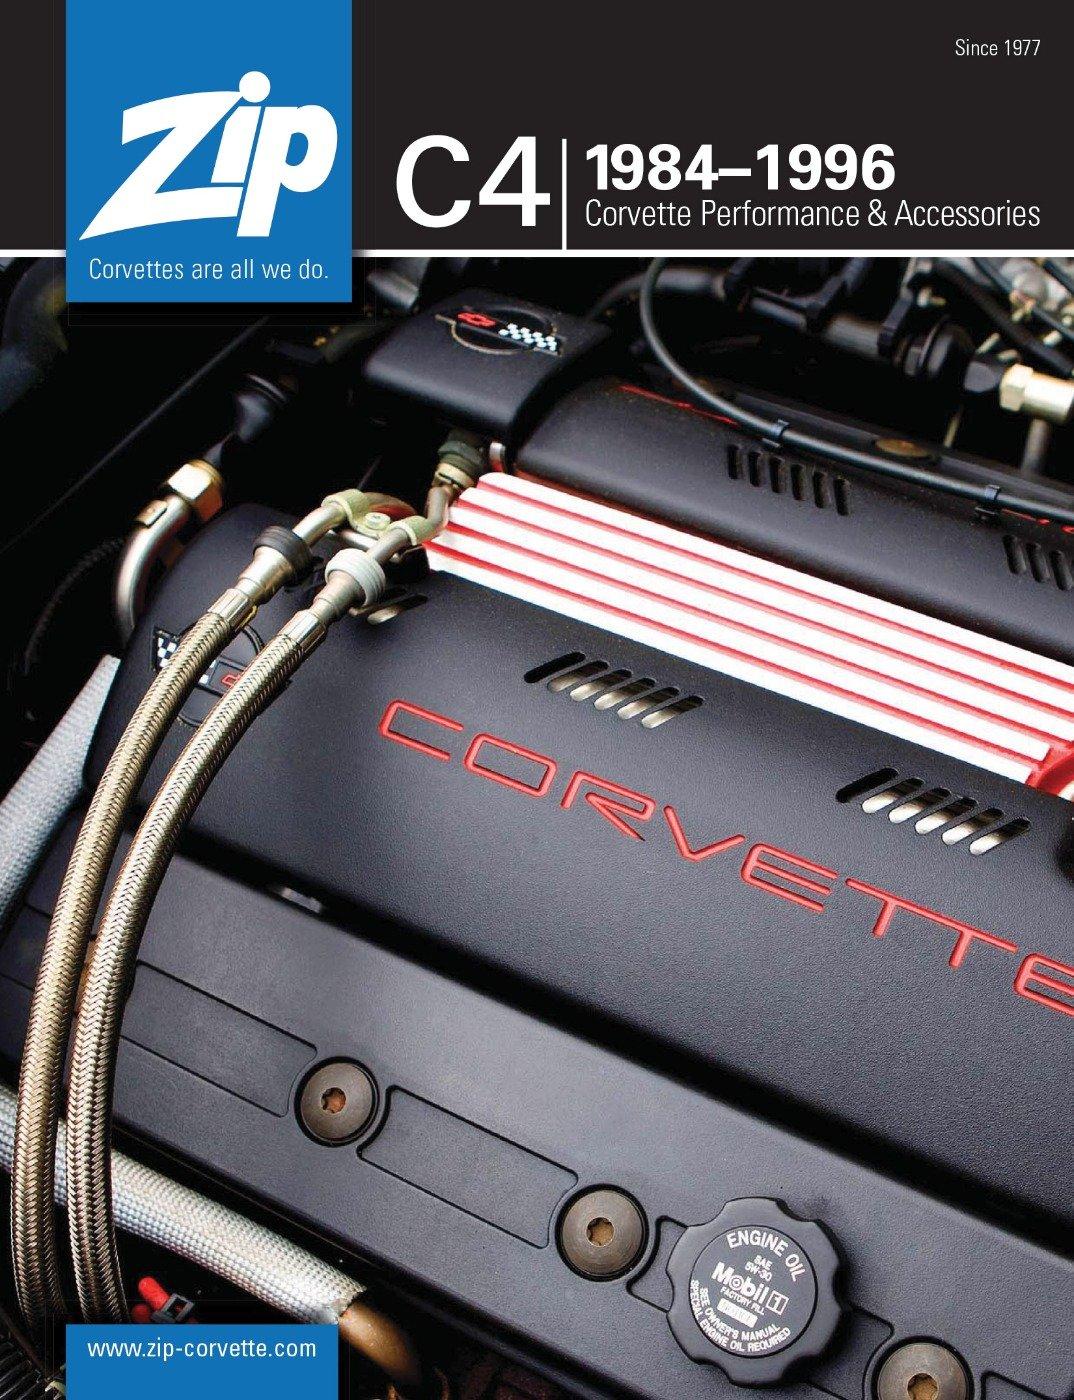 c4 catalog